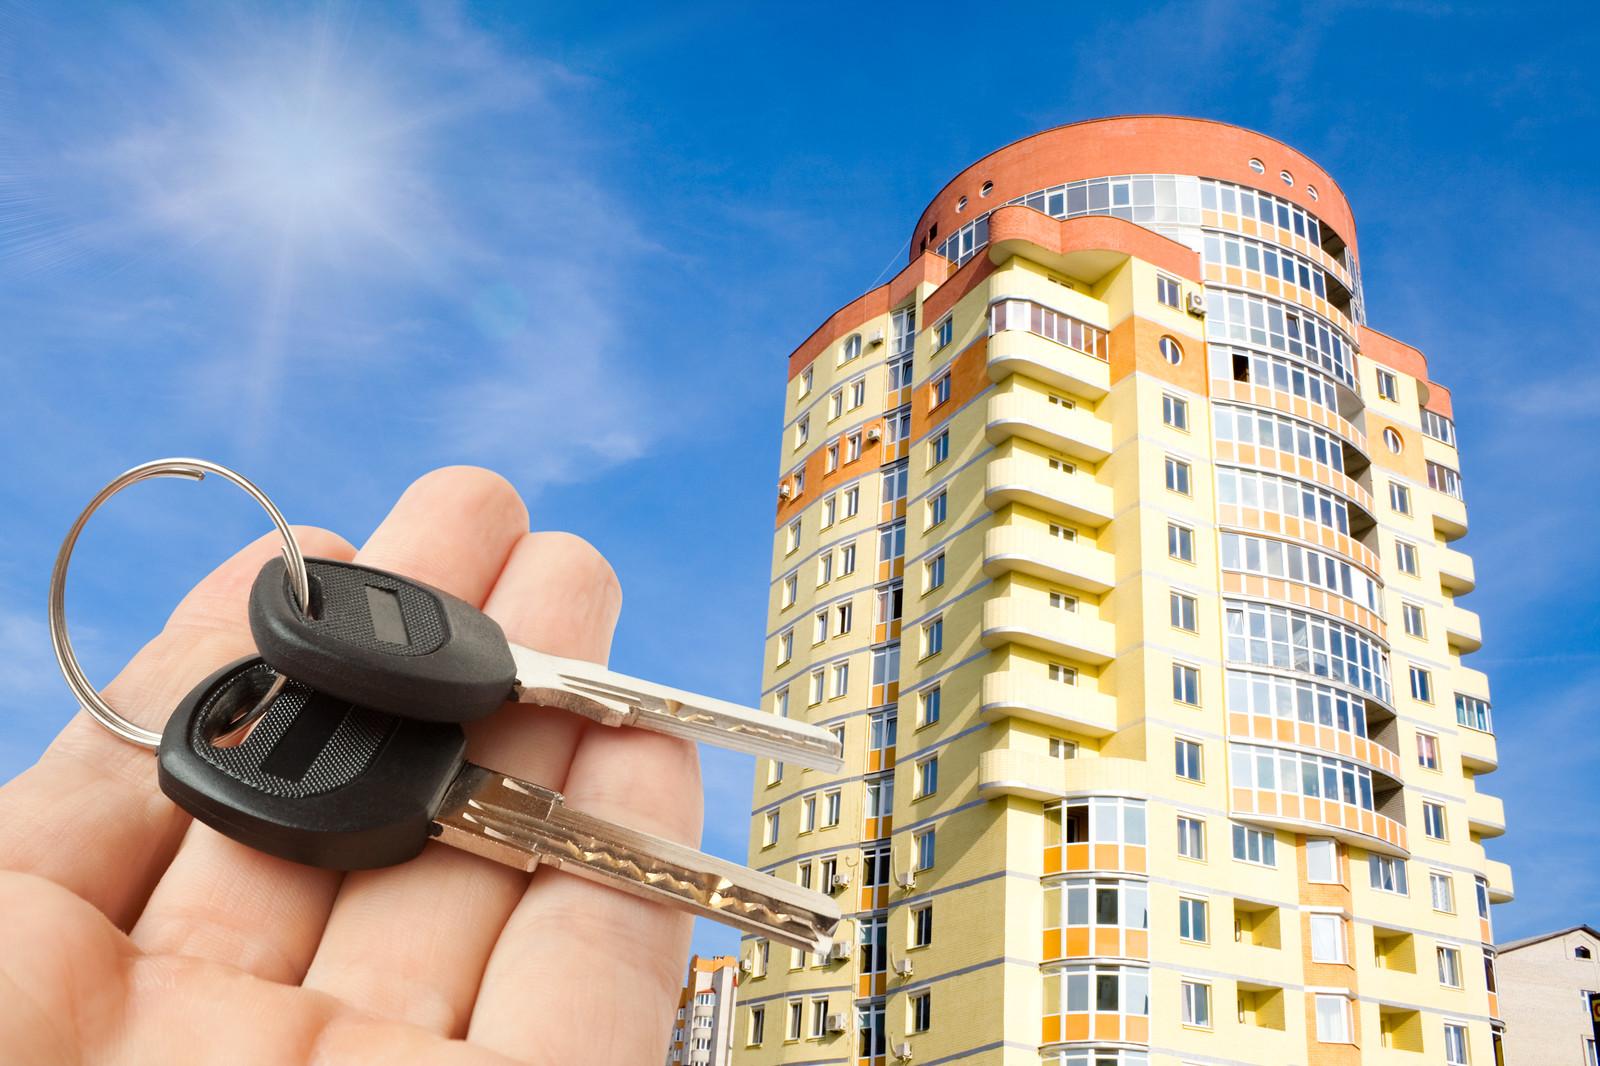 Какую квартиру лучше купить для выгодного инвестирования денег?